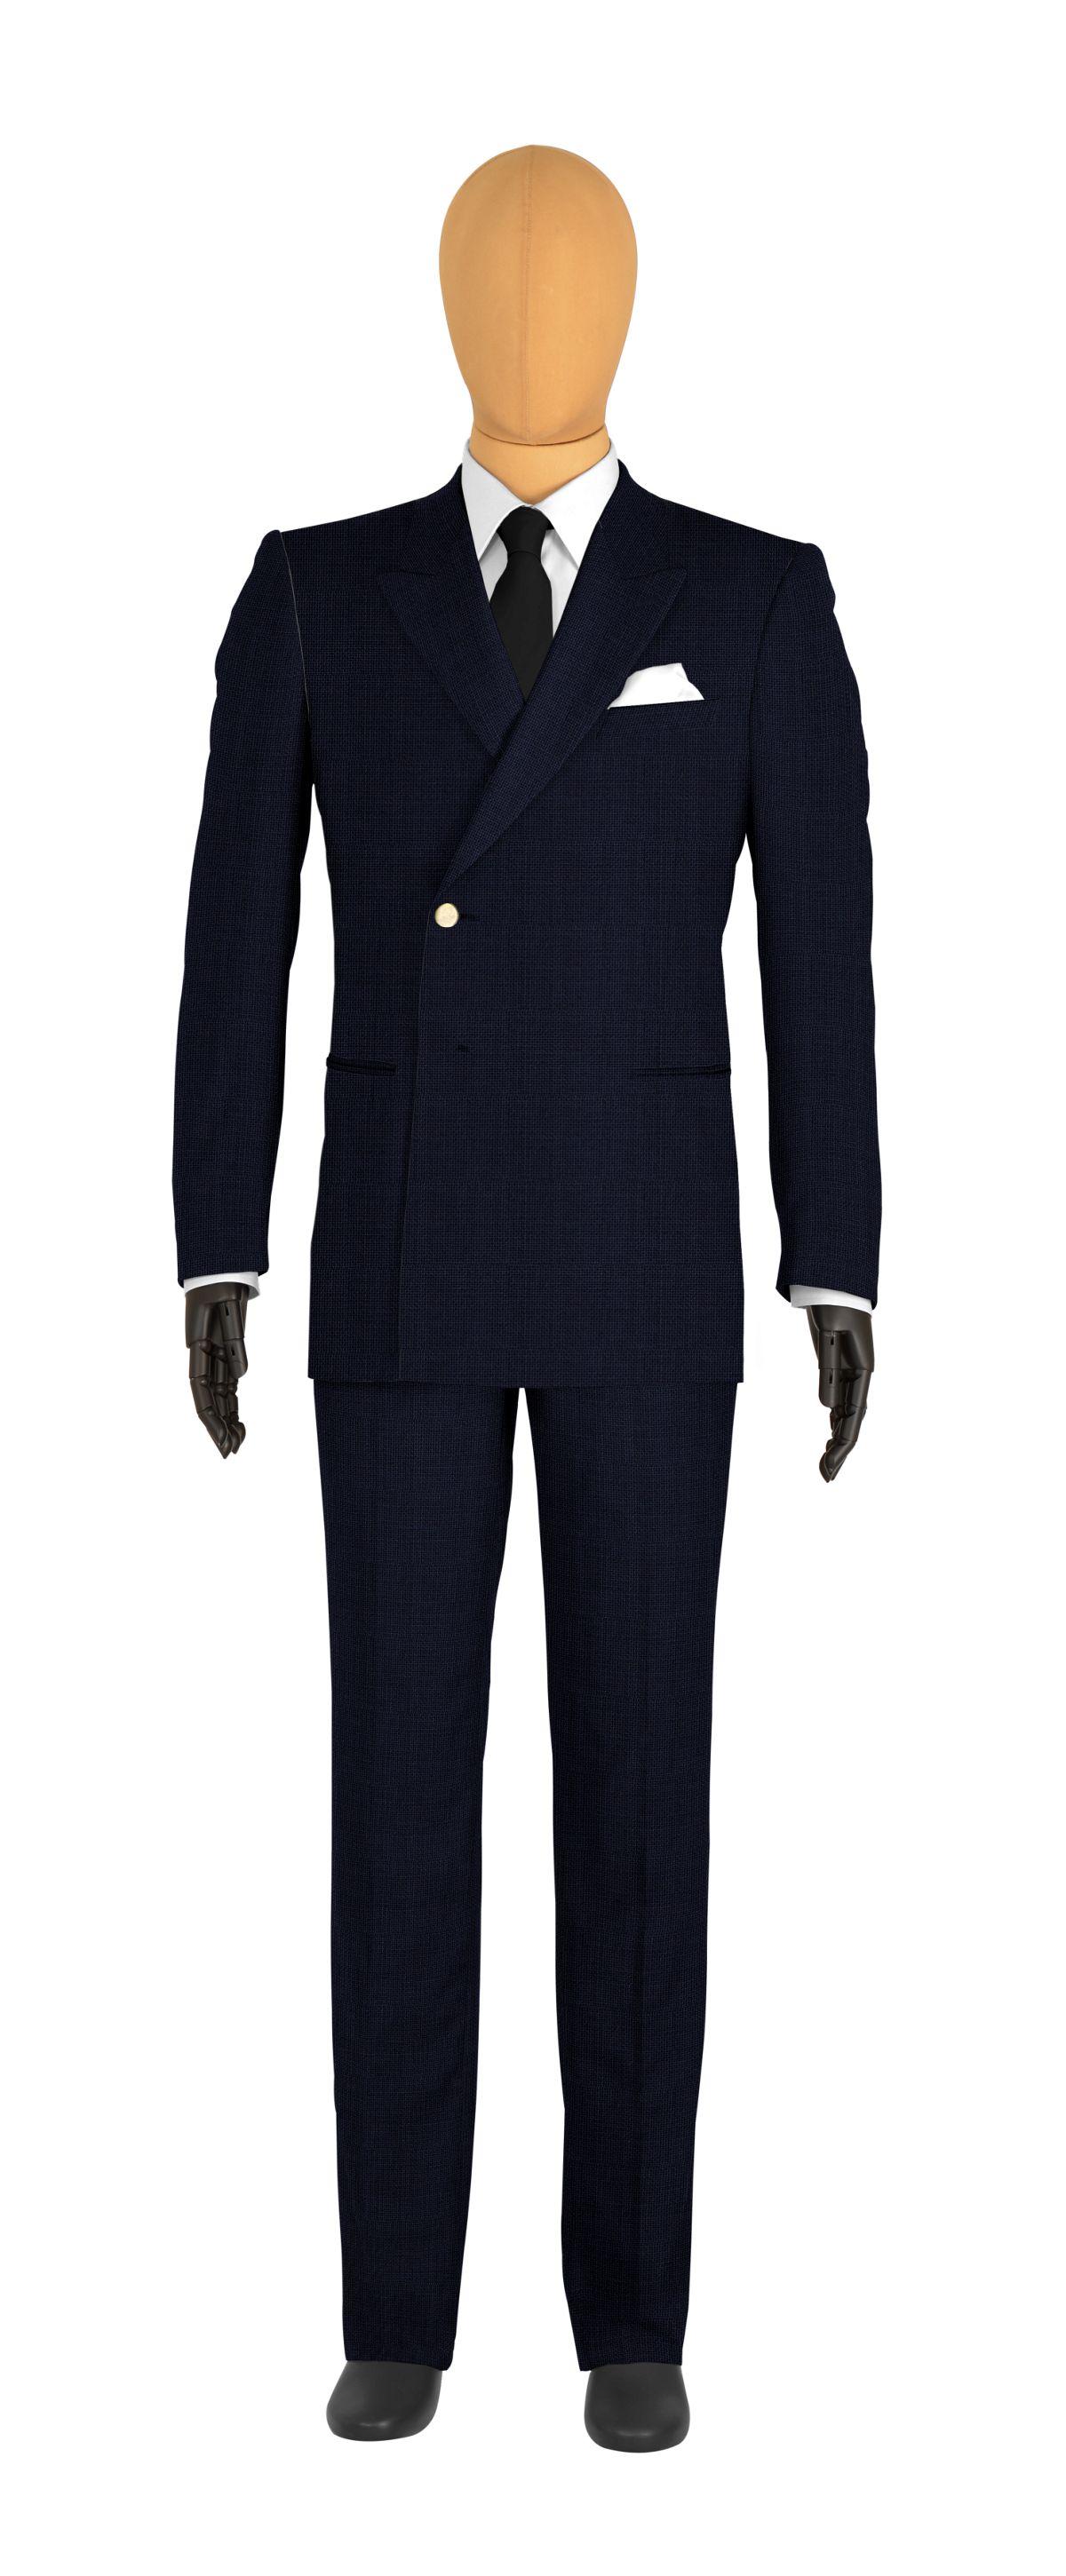 veste croisée sur mesure pour homme bleu foncé uni